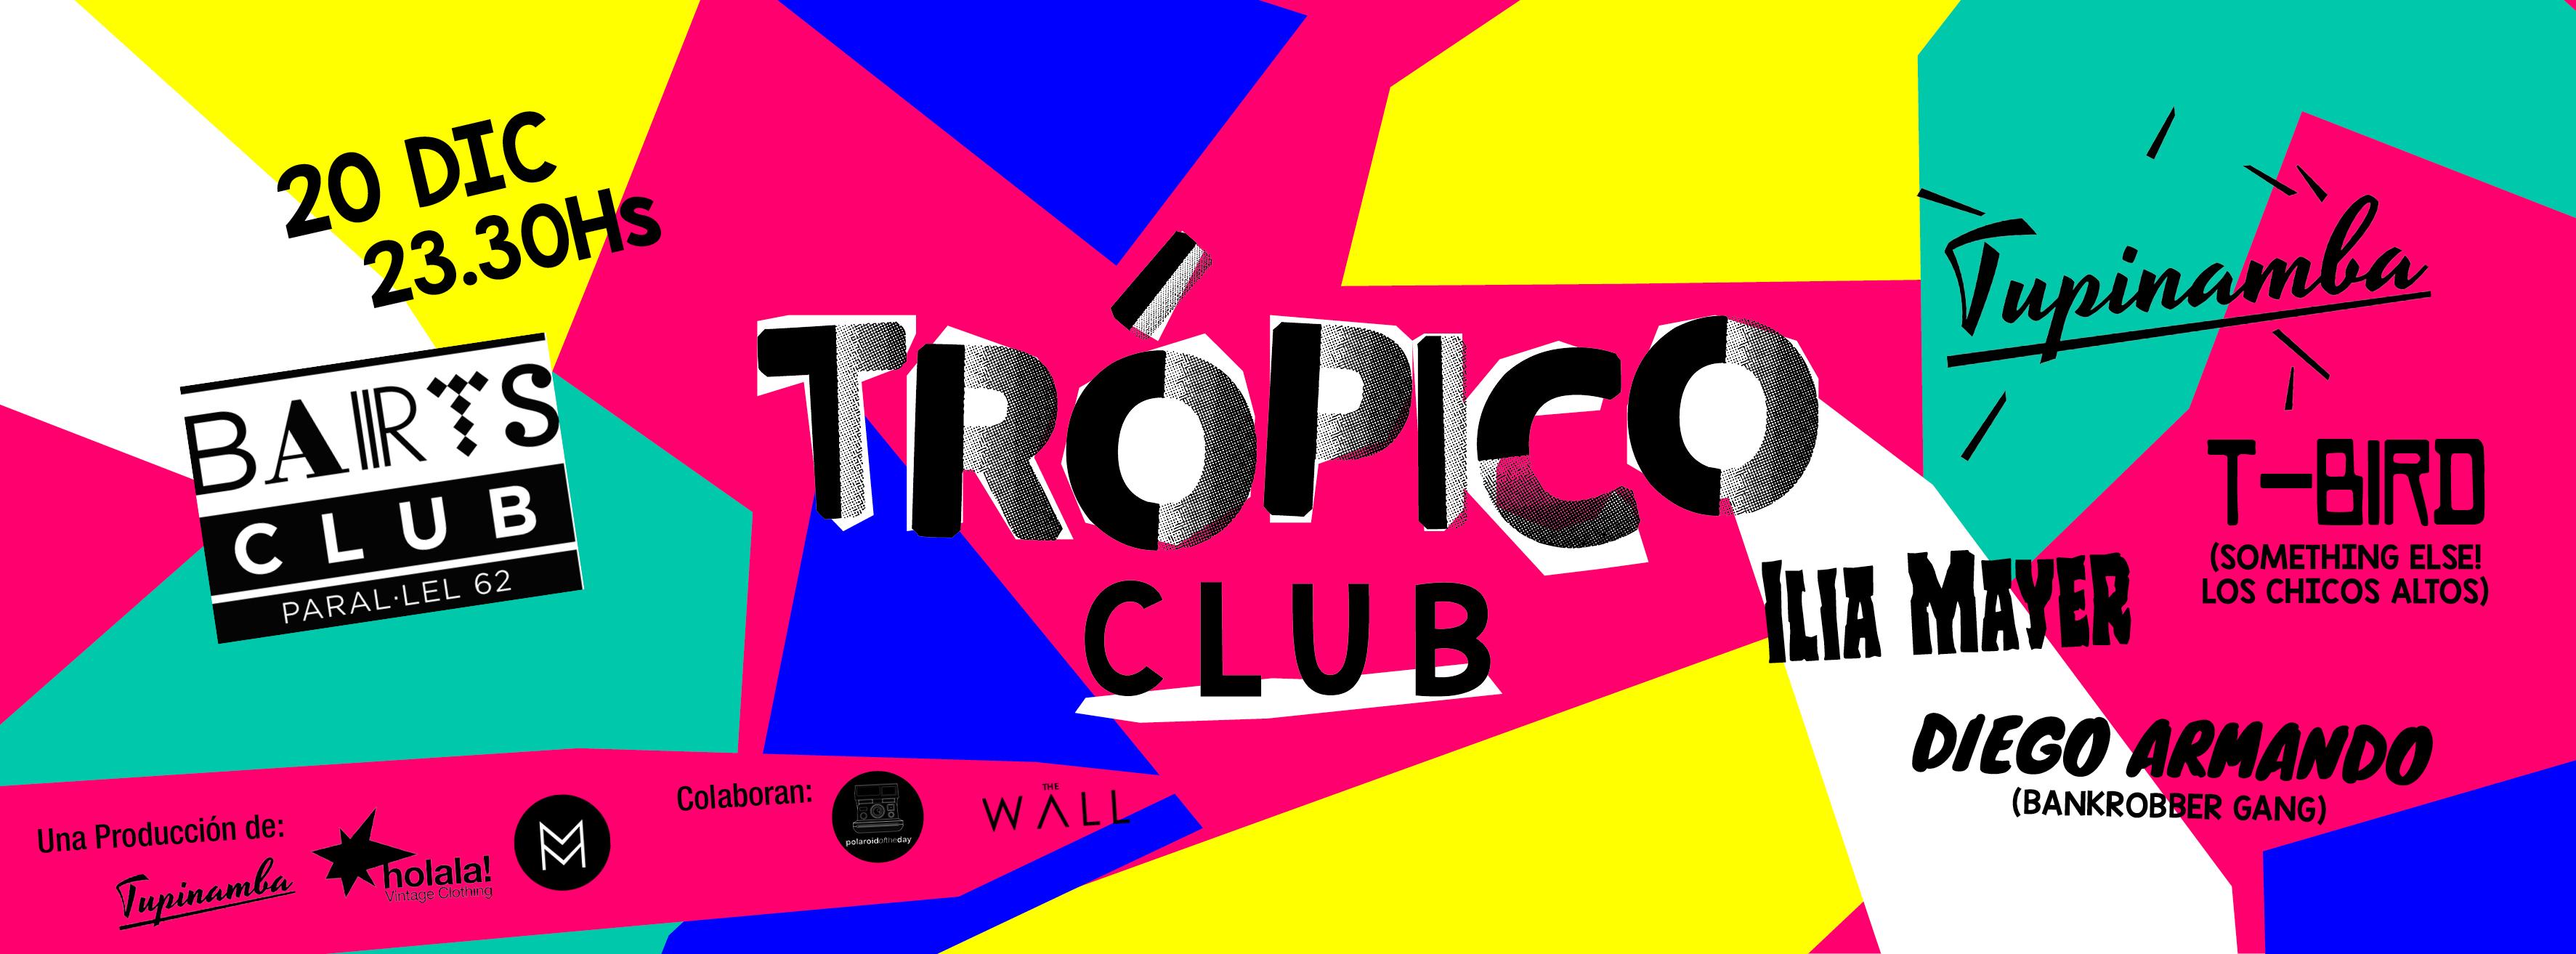 tropicoclub-2012-facebook